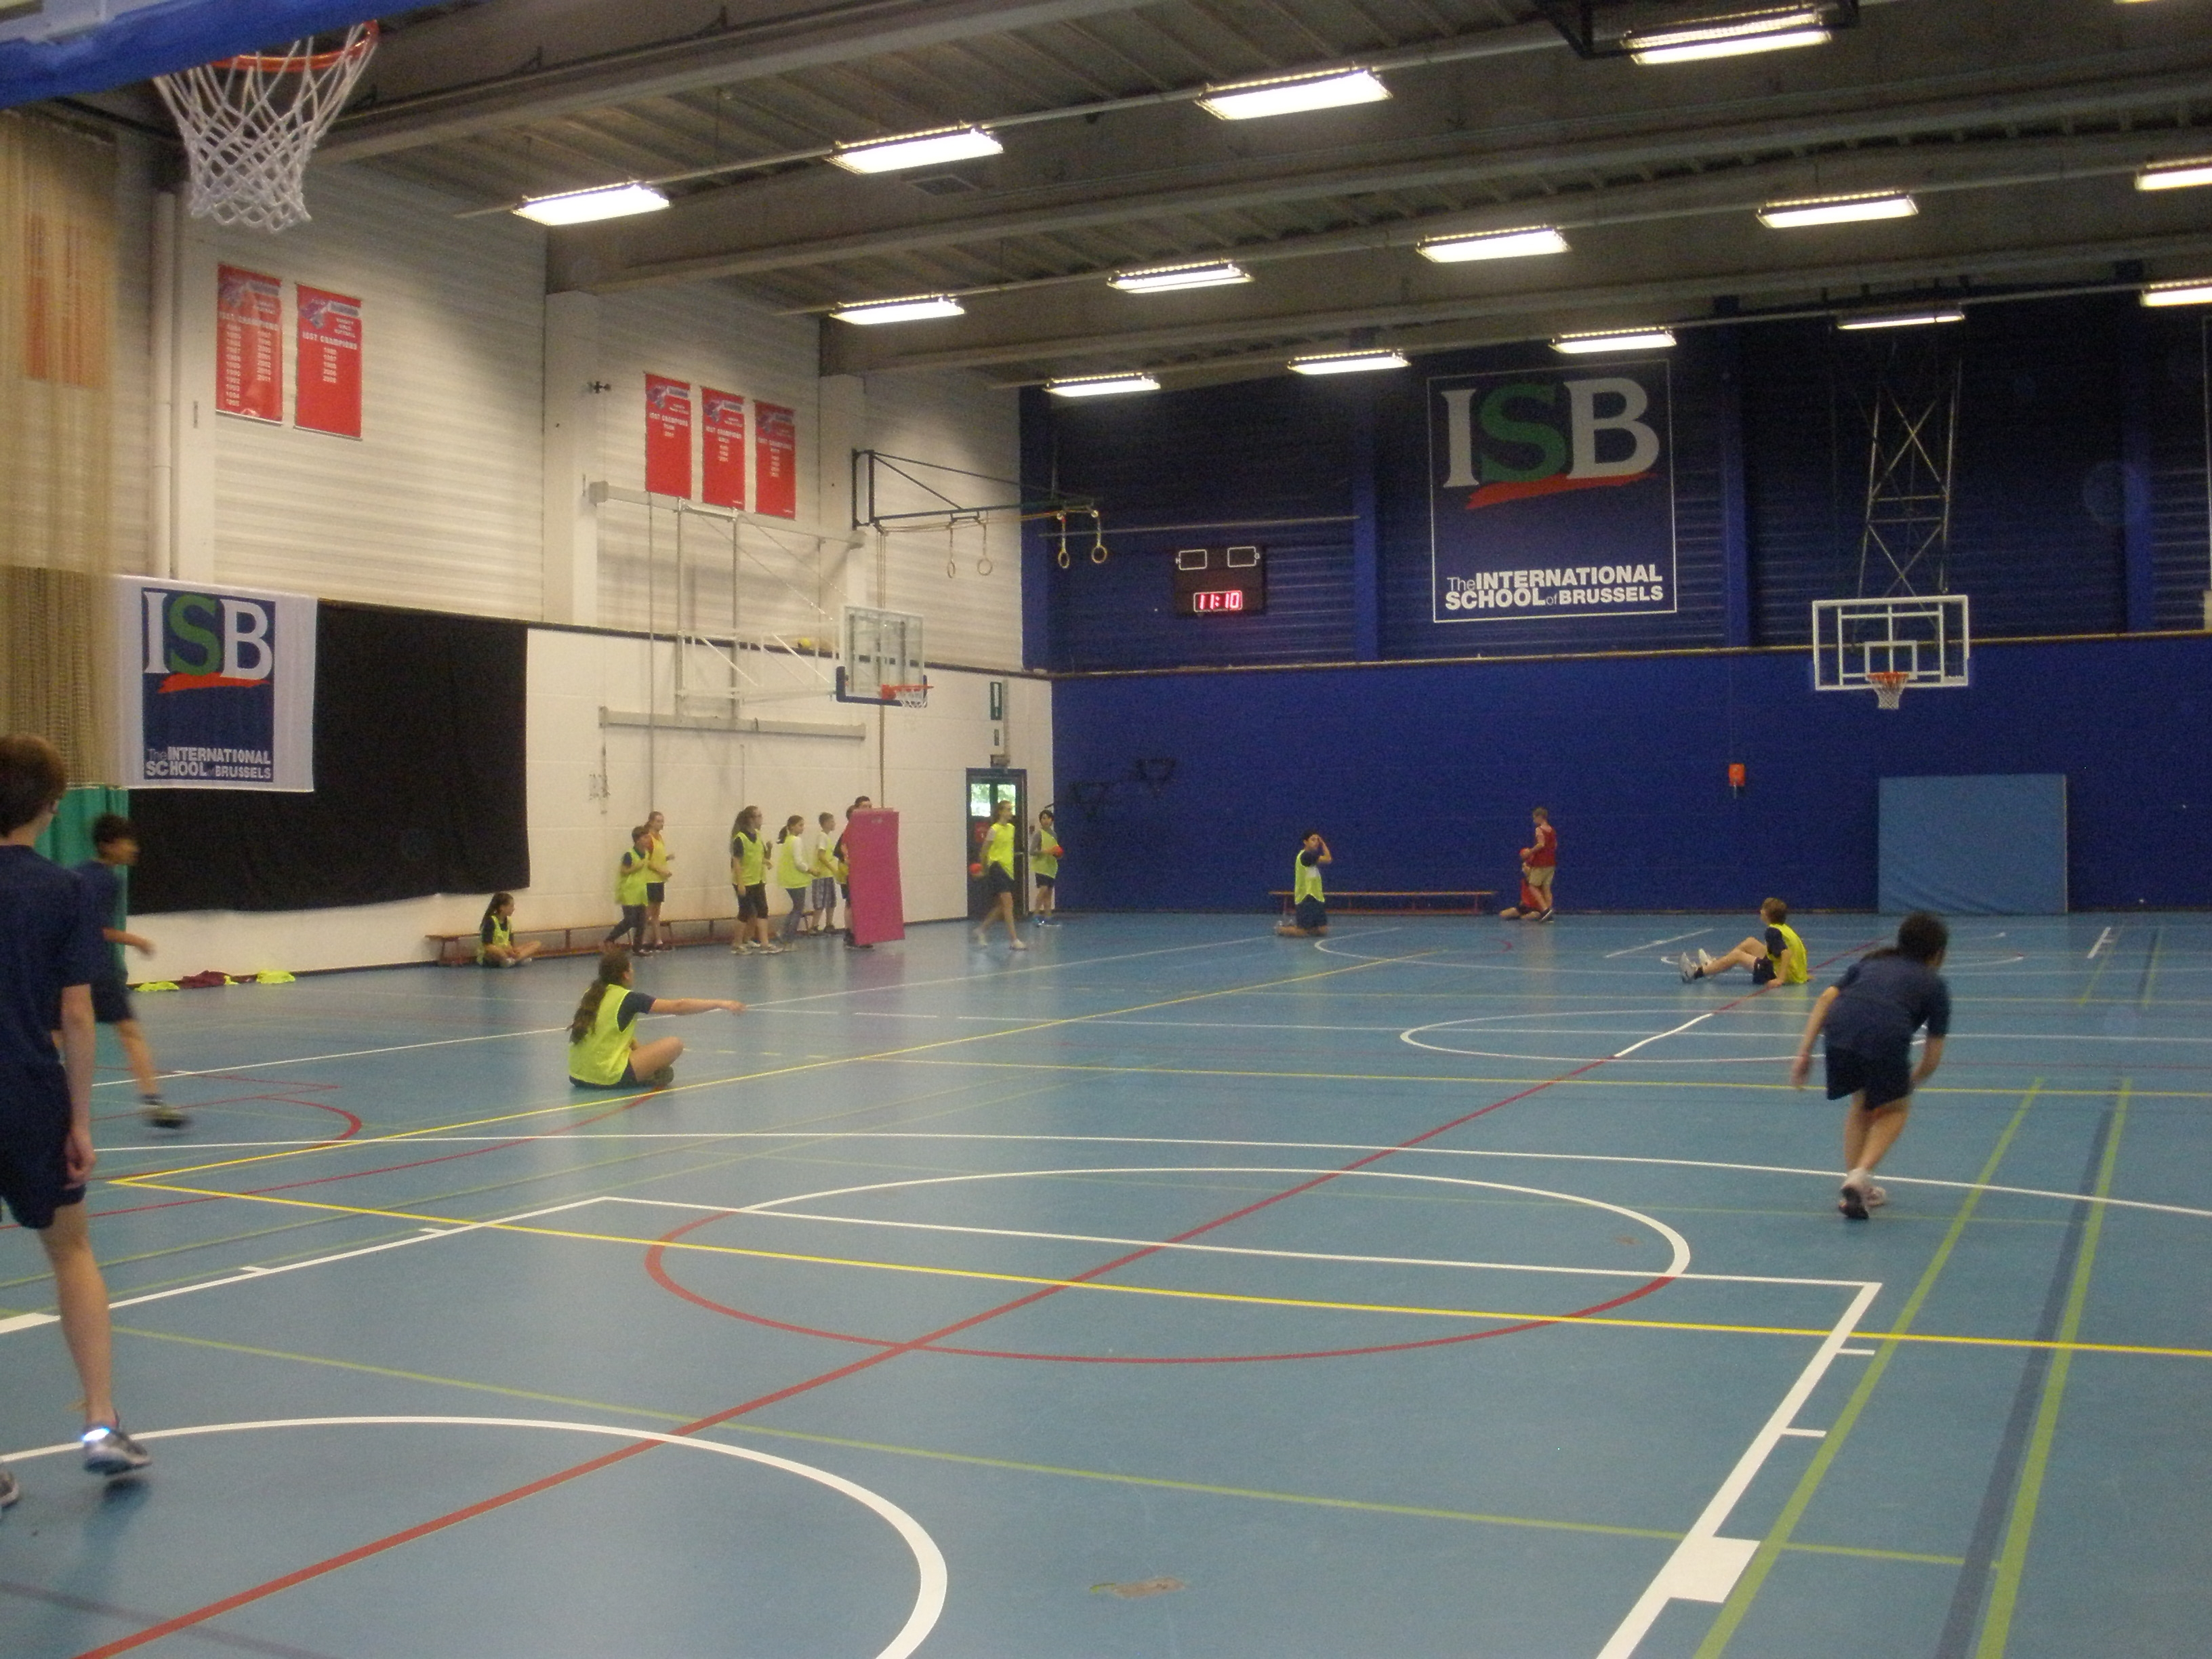 Visita a colegios de bruselas cp otero de navascu s - Colegio otero de navascues ...